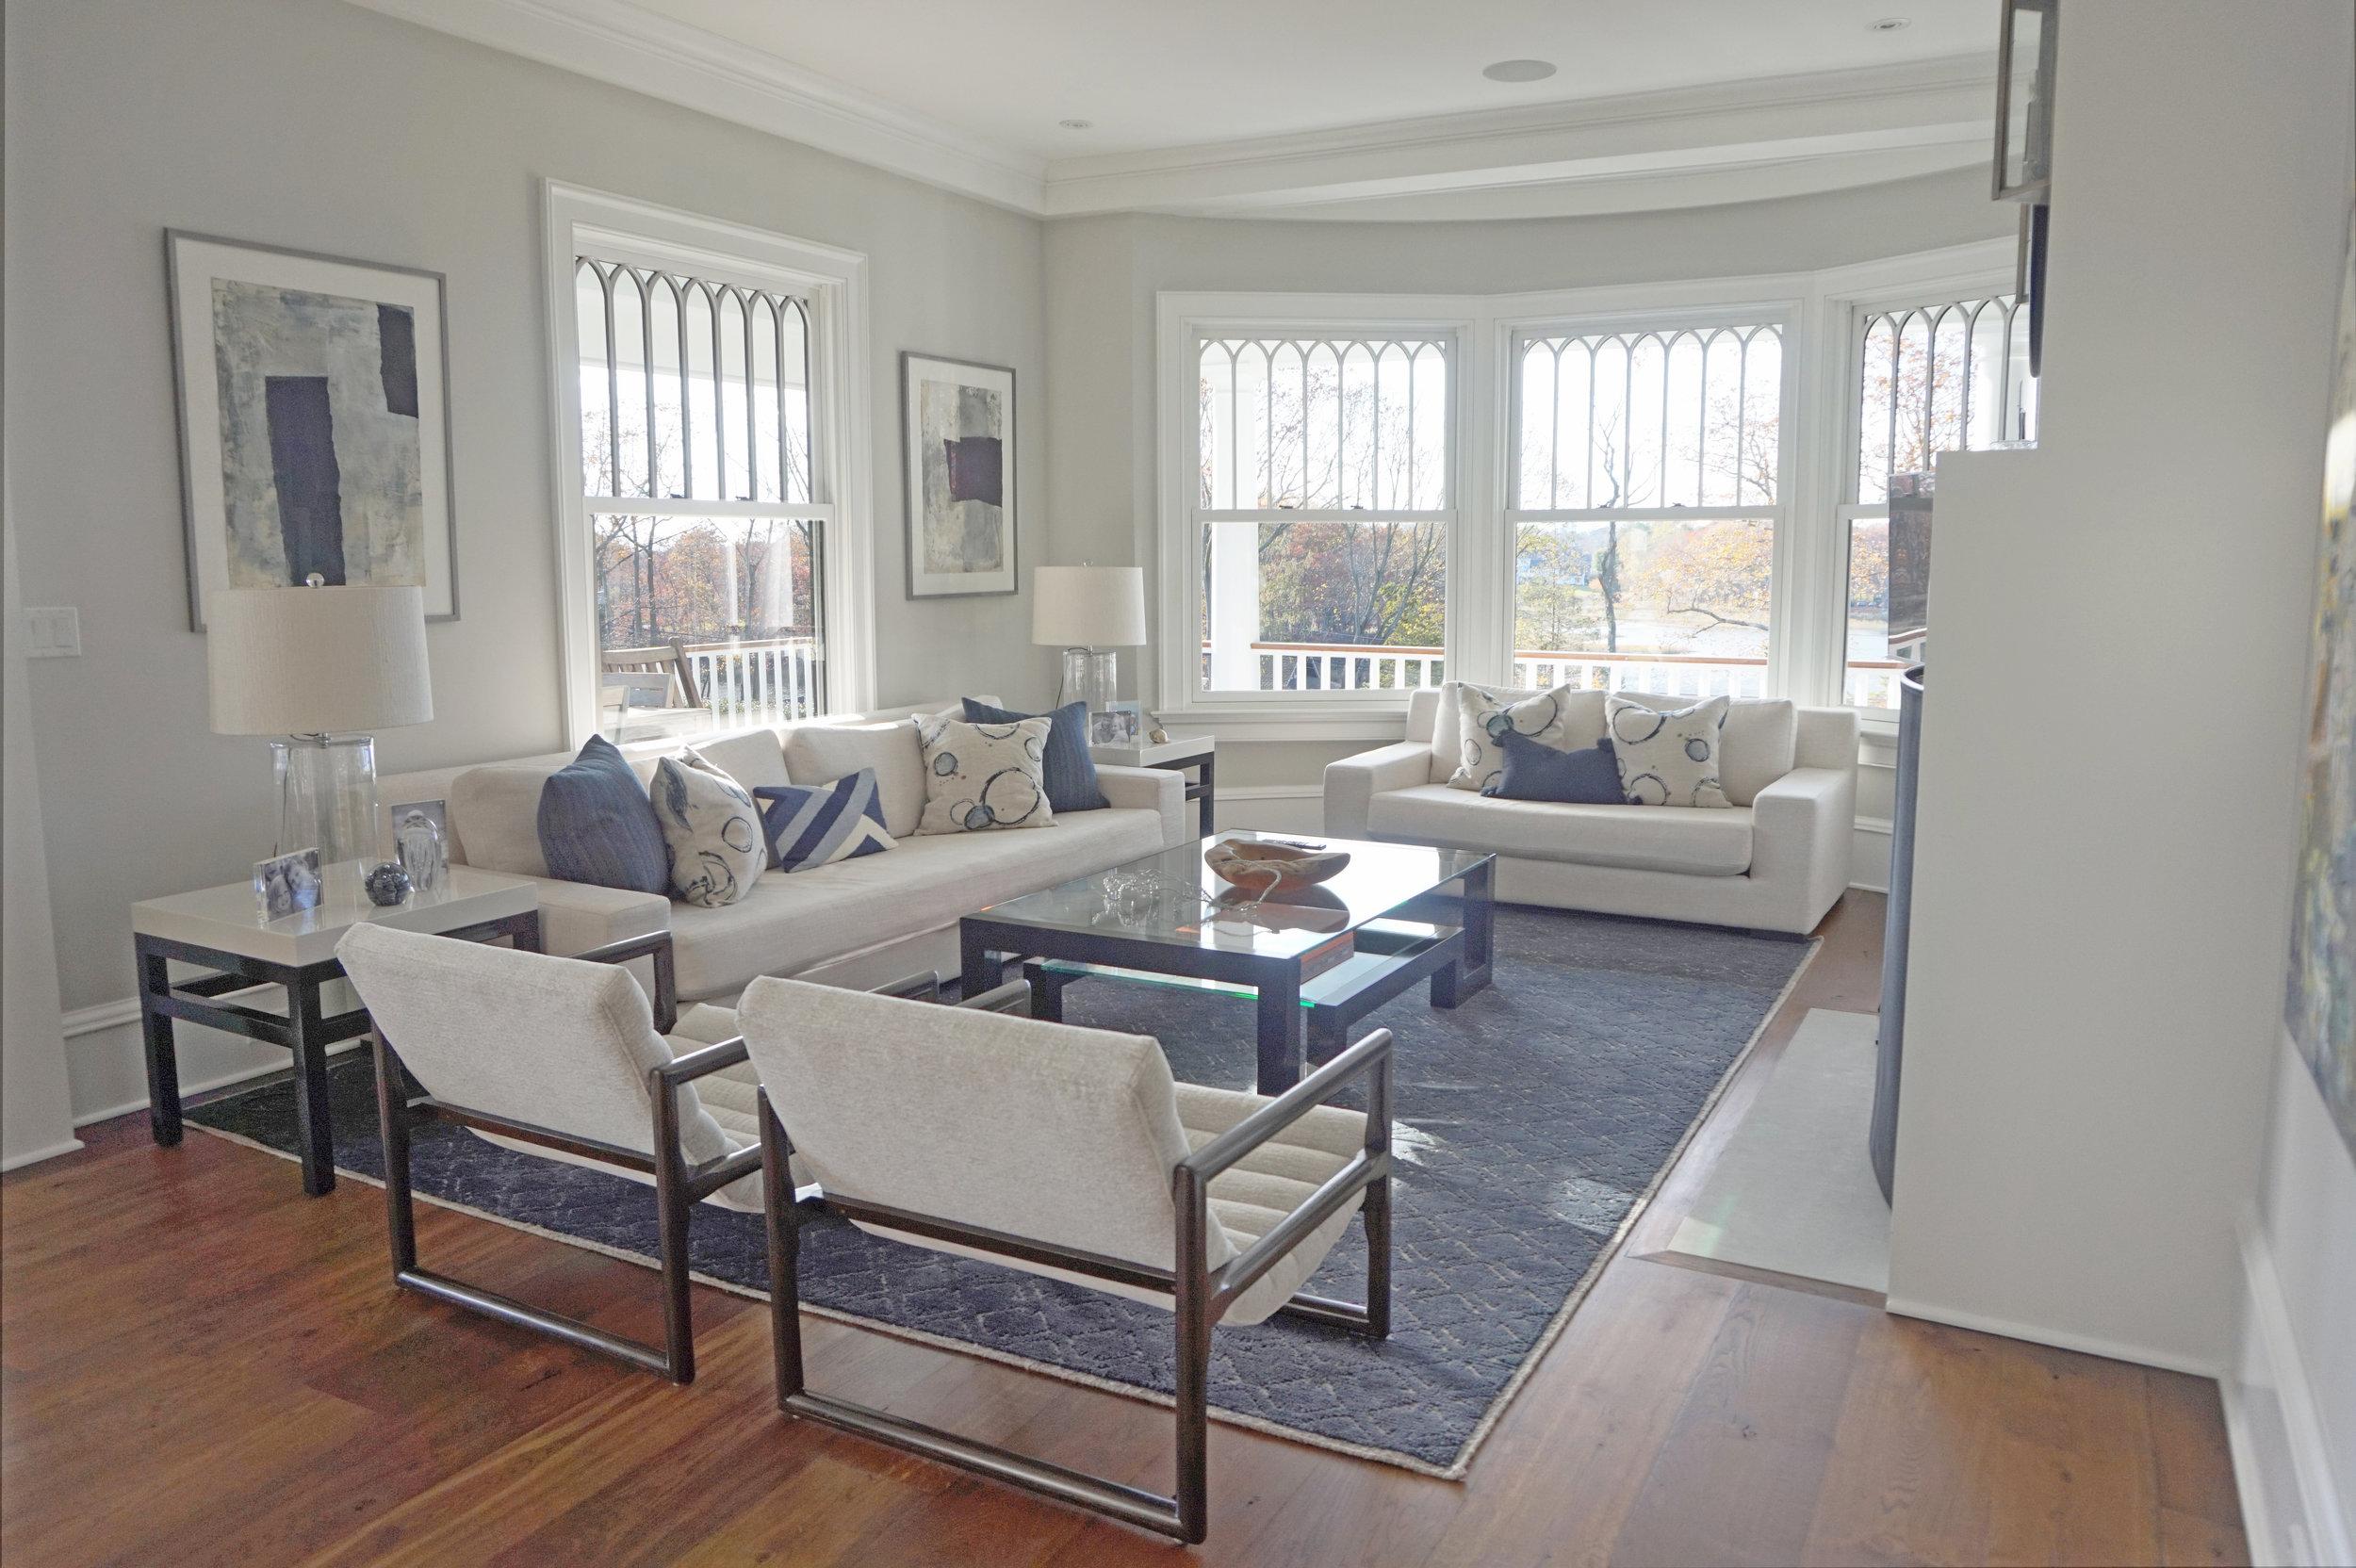 living room shopped 1.jpg